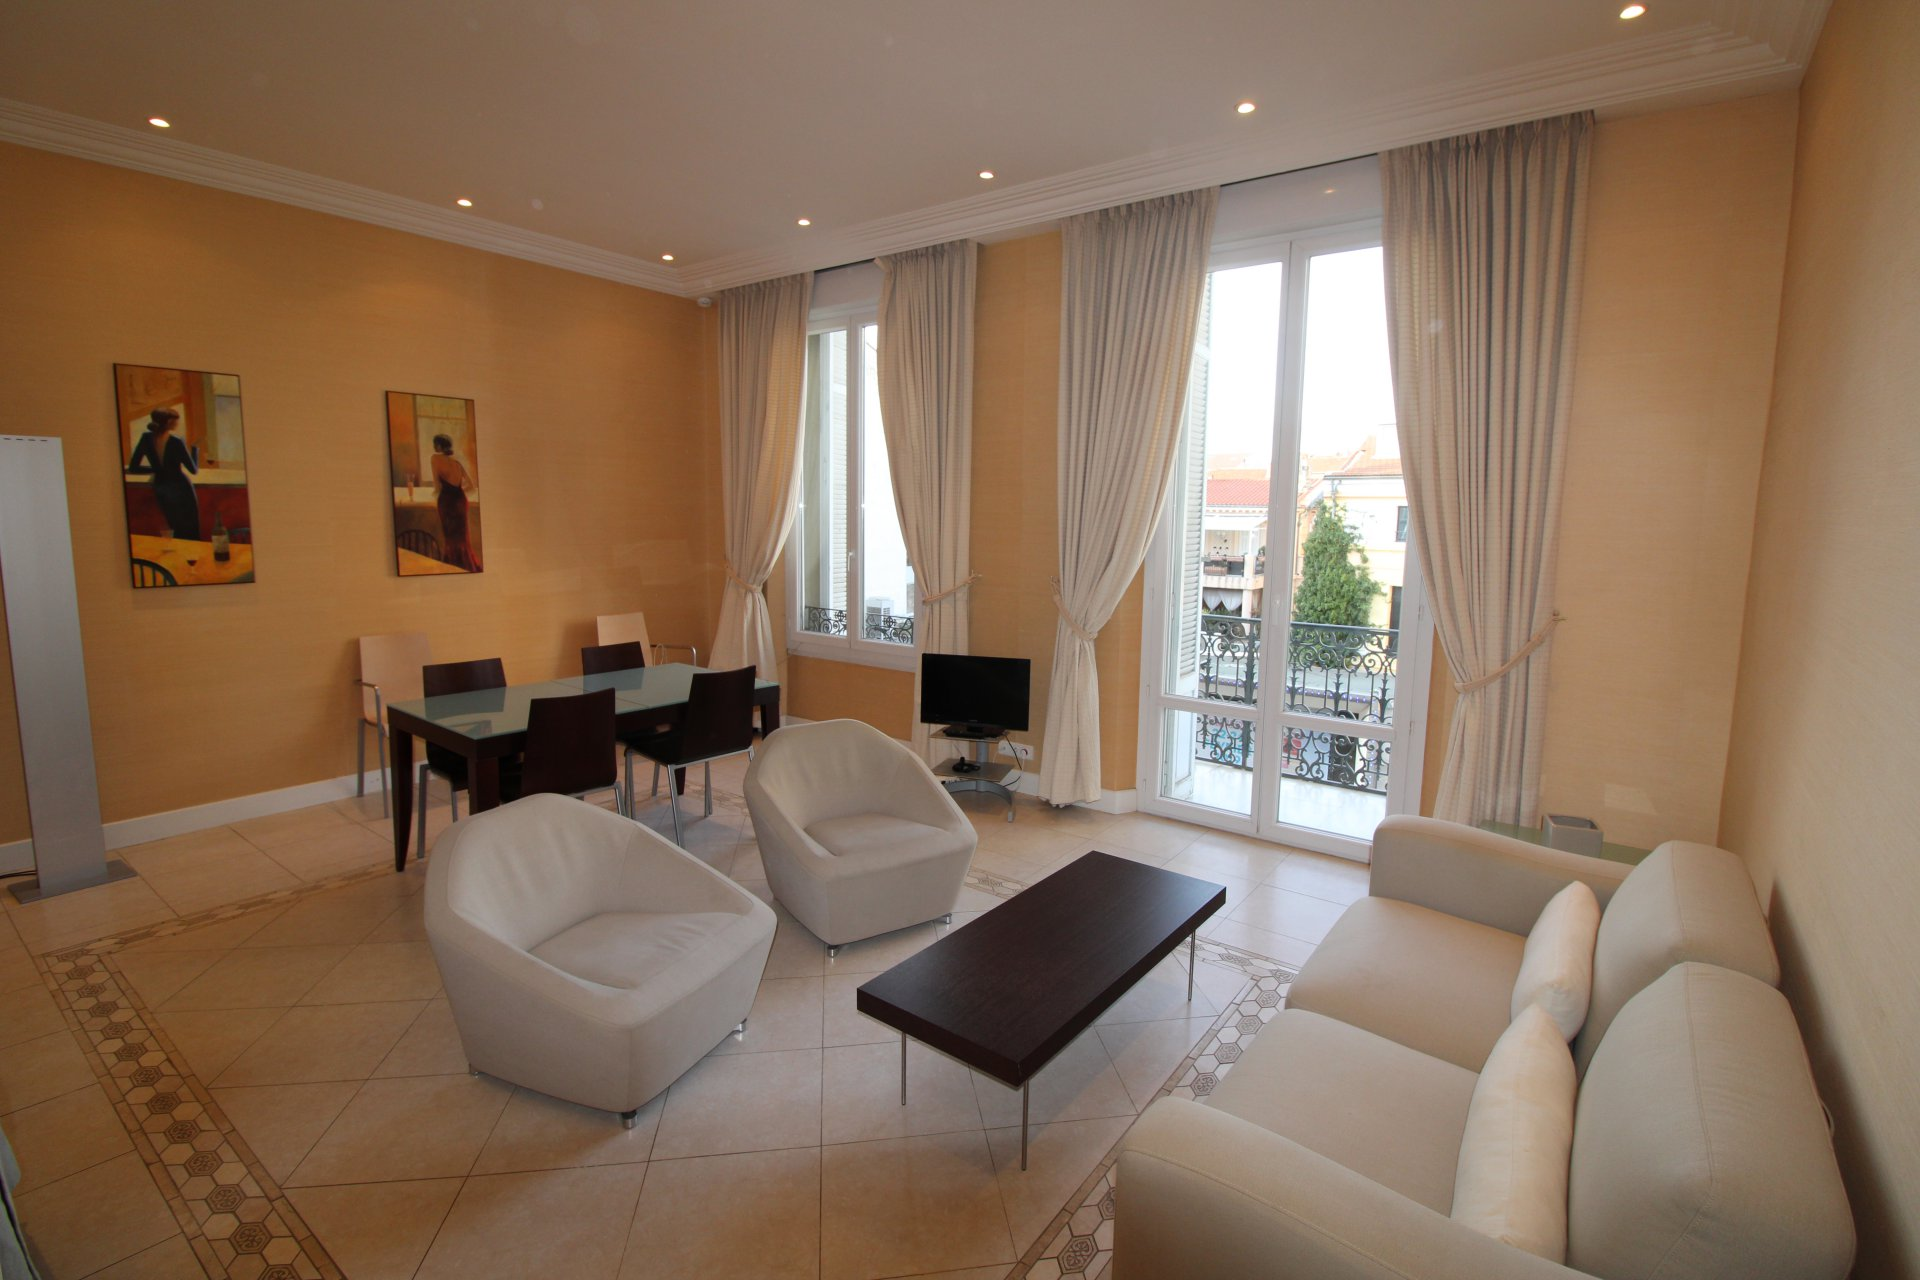 Location appartement centre Cannes, proche Croisette et Palais des congrès